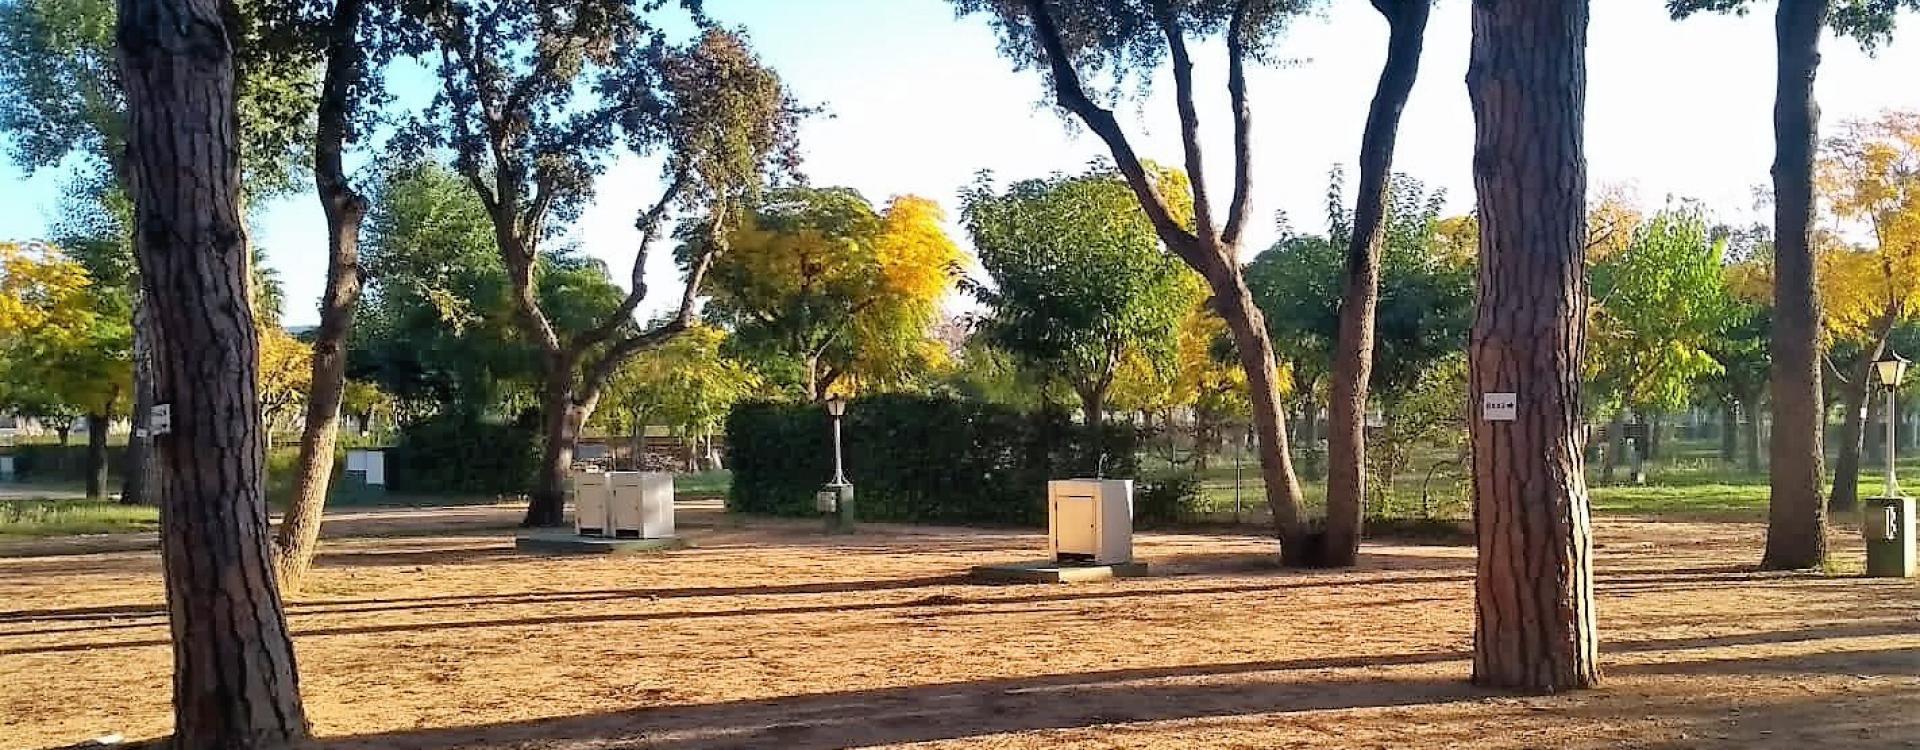 Camping Valldaro nueva zona con agua